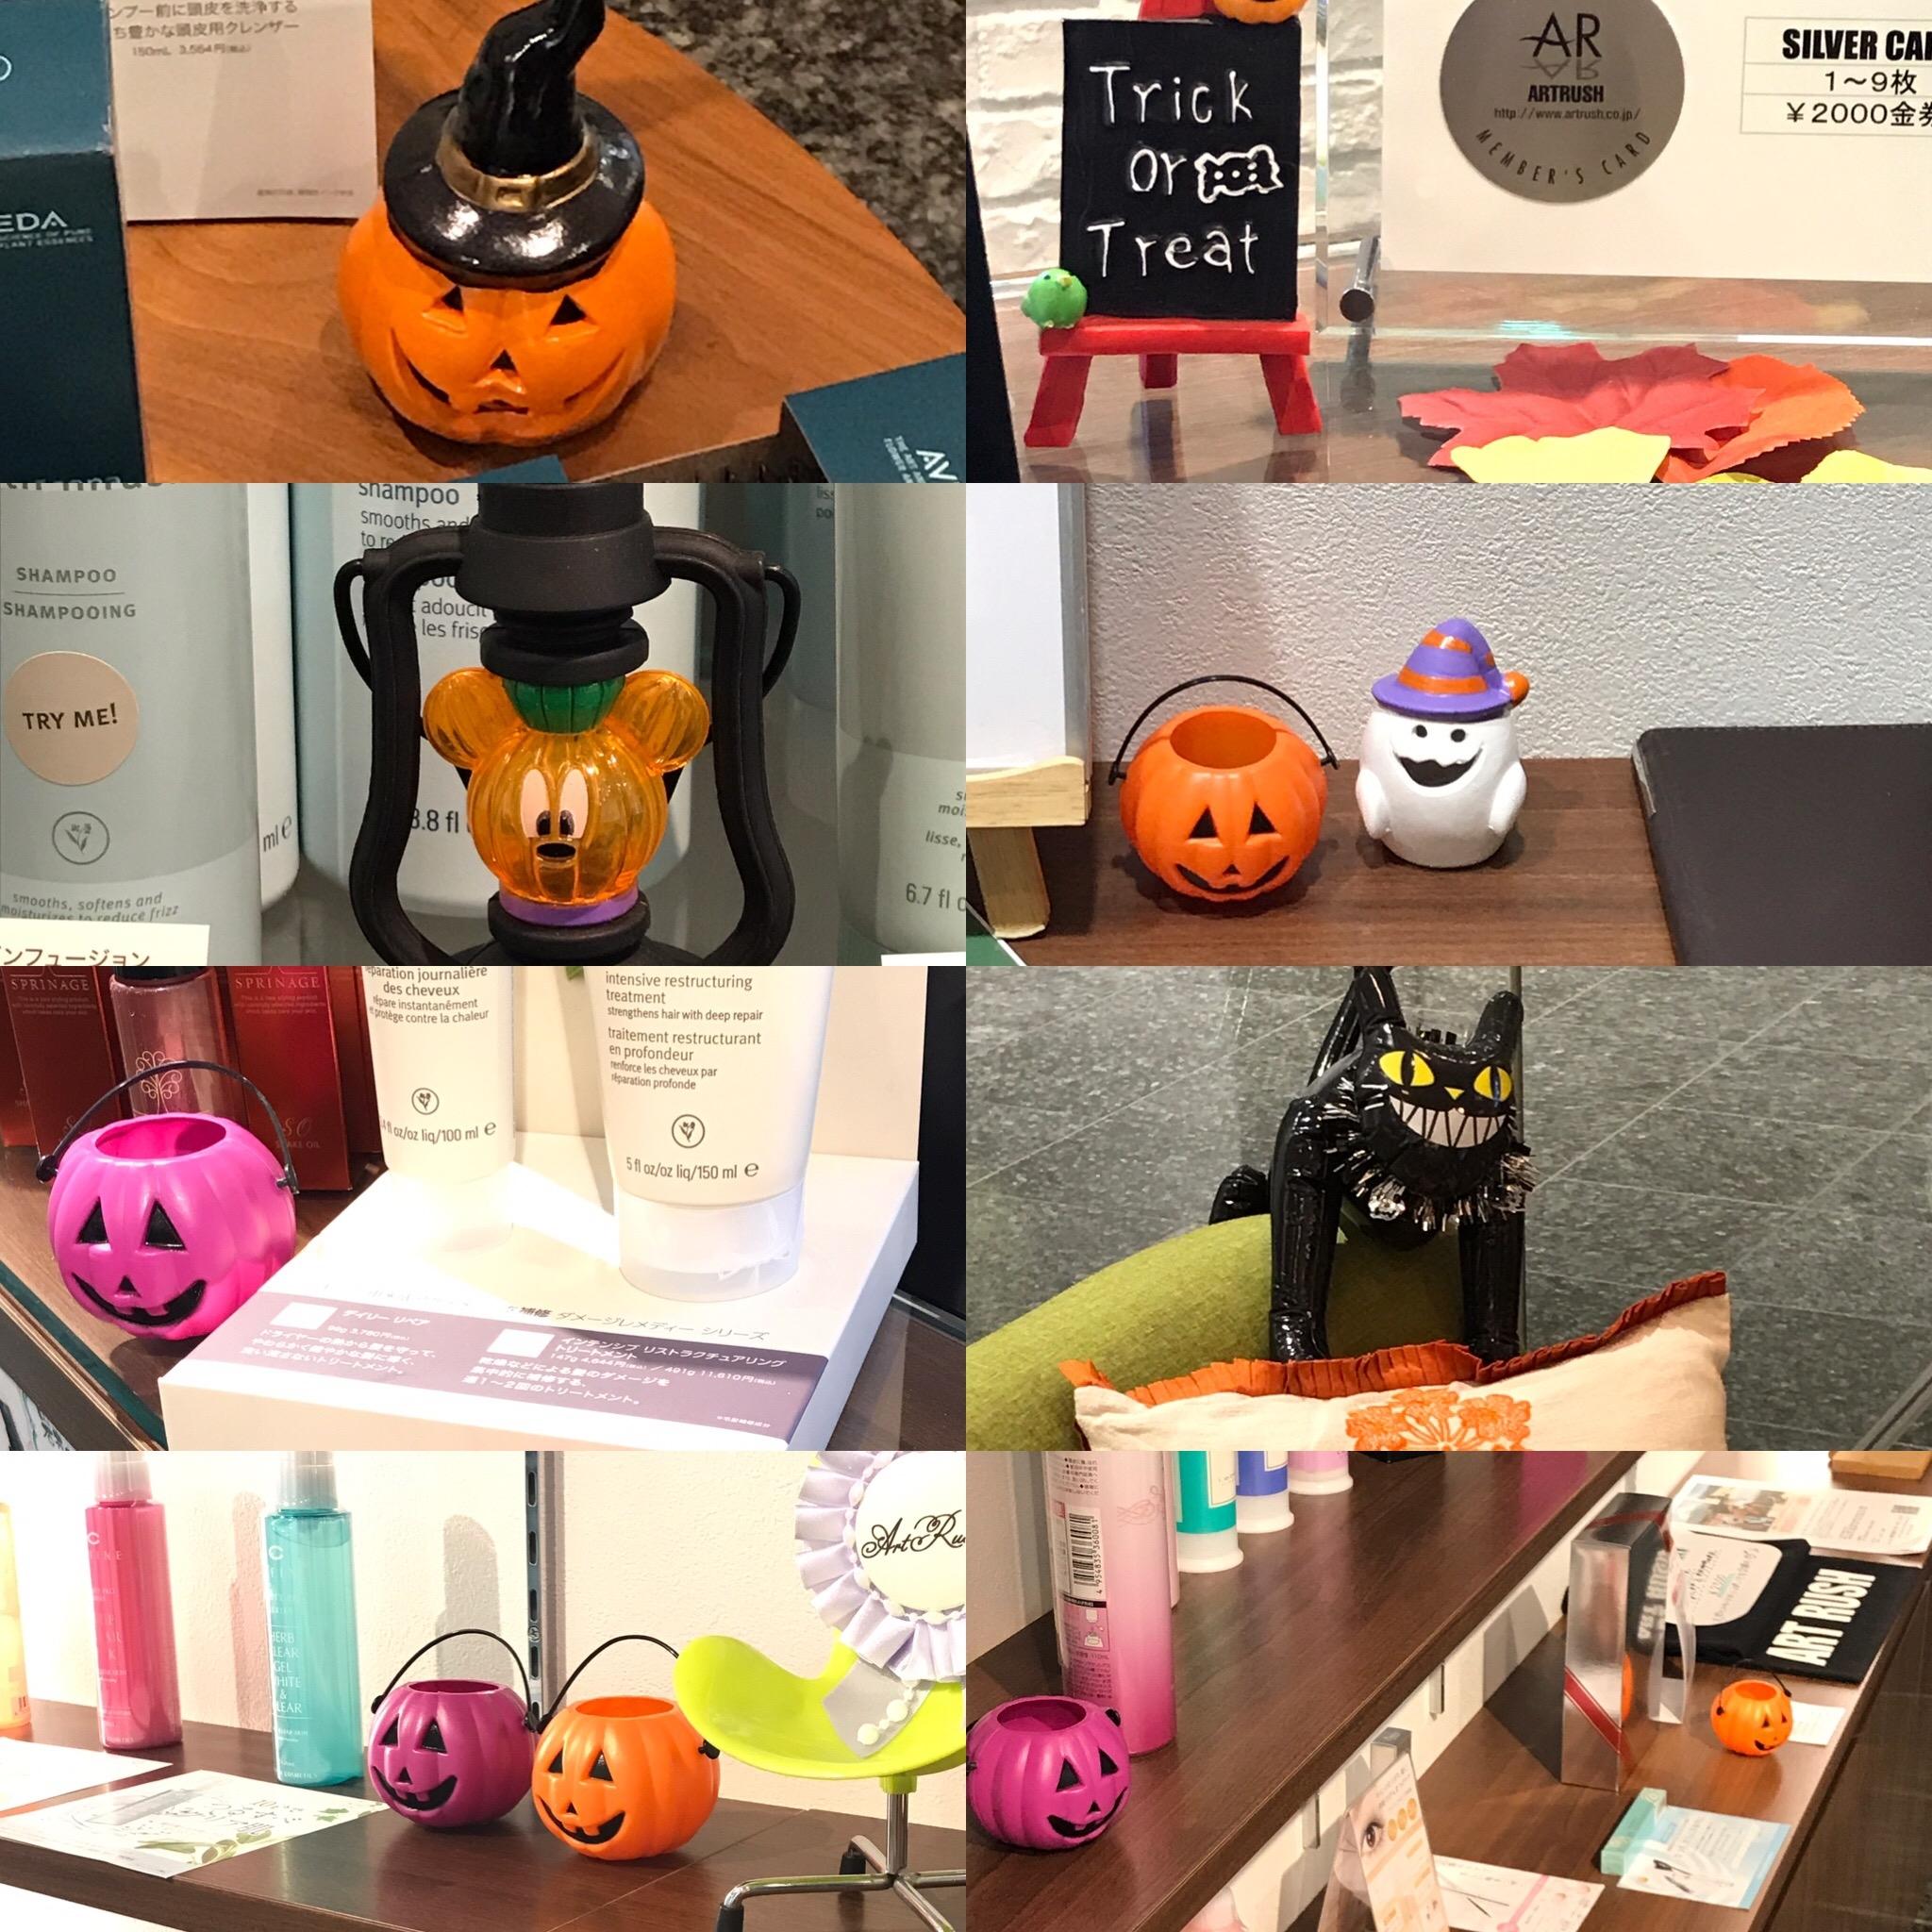 ハロウィン仕様のかぼちゃ達